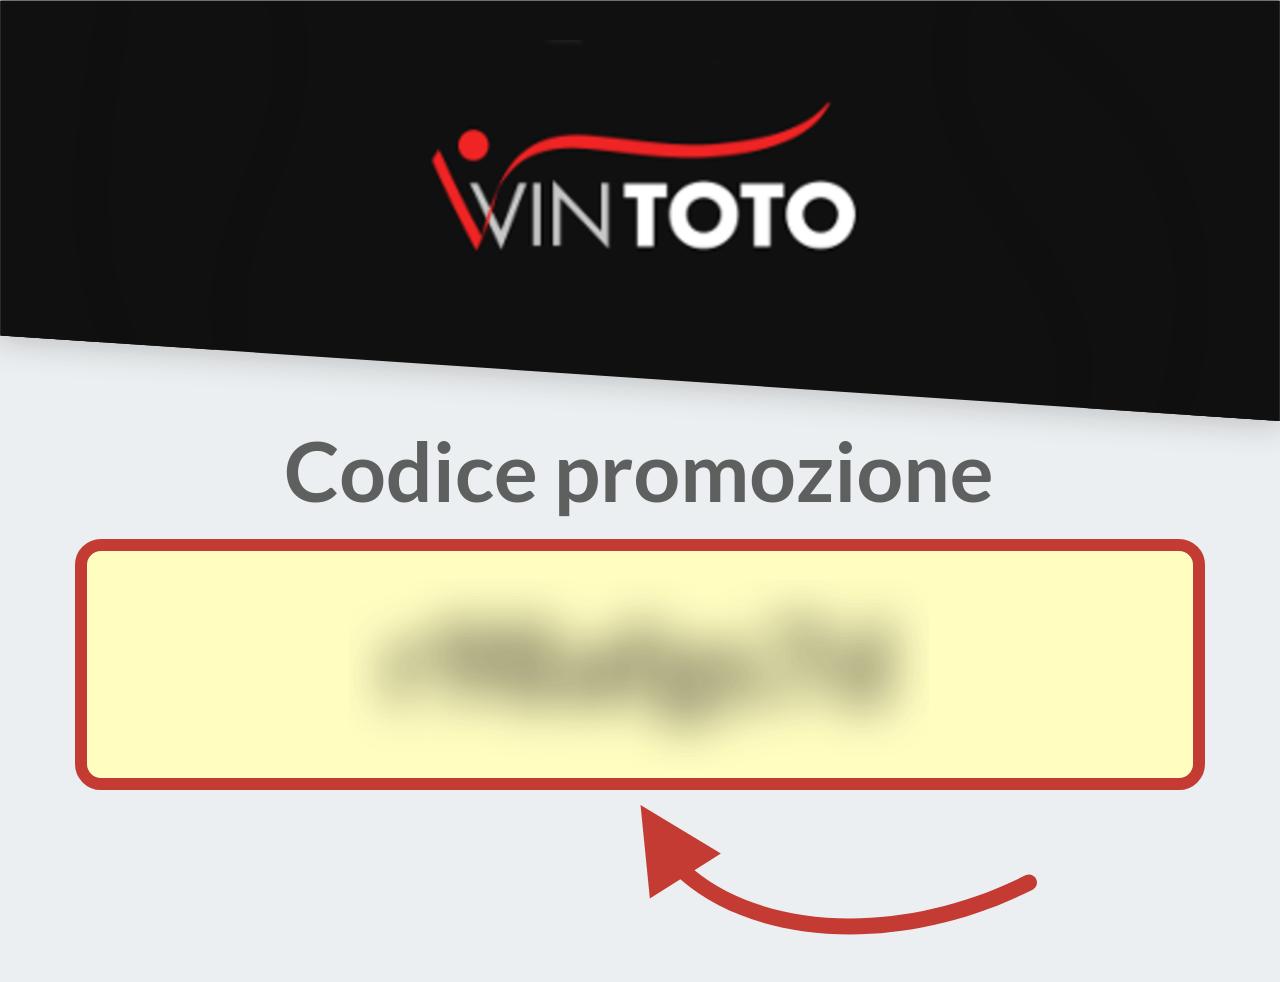 Codice Promozione Wintoto